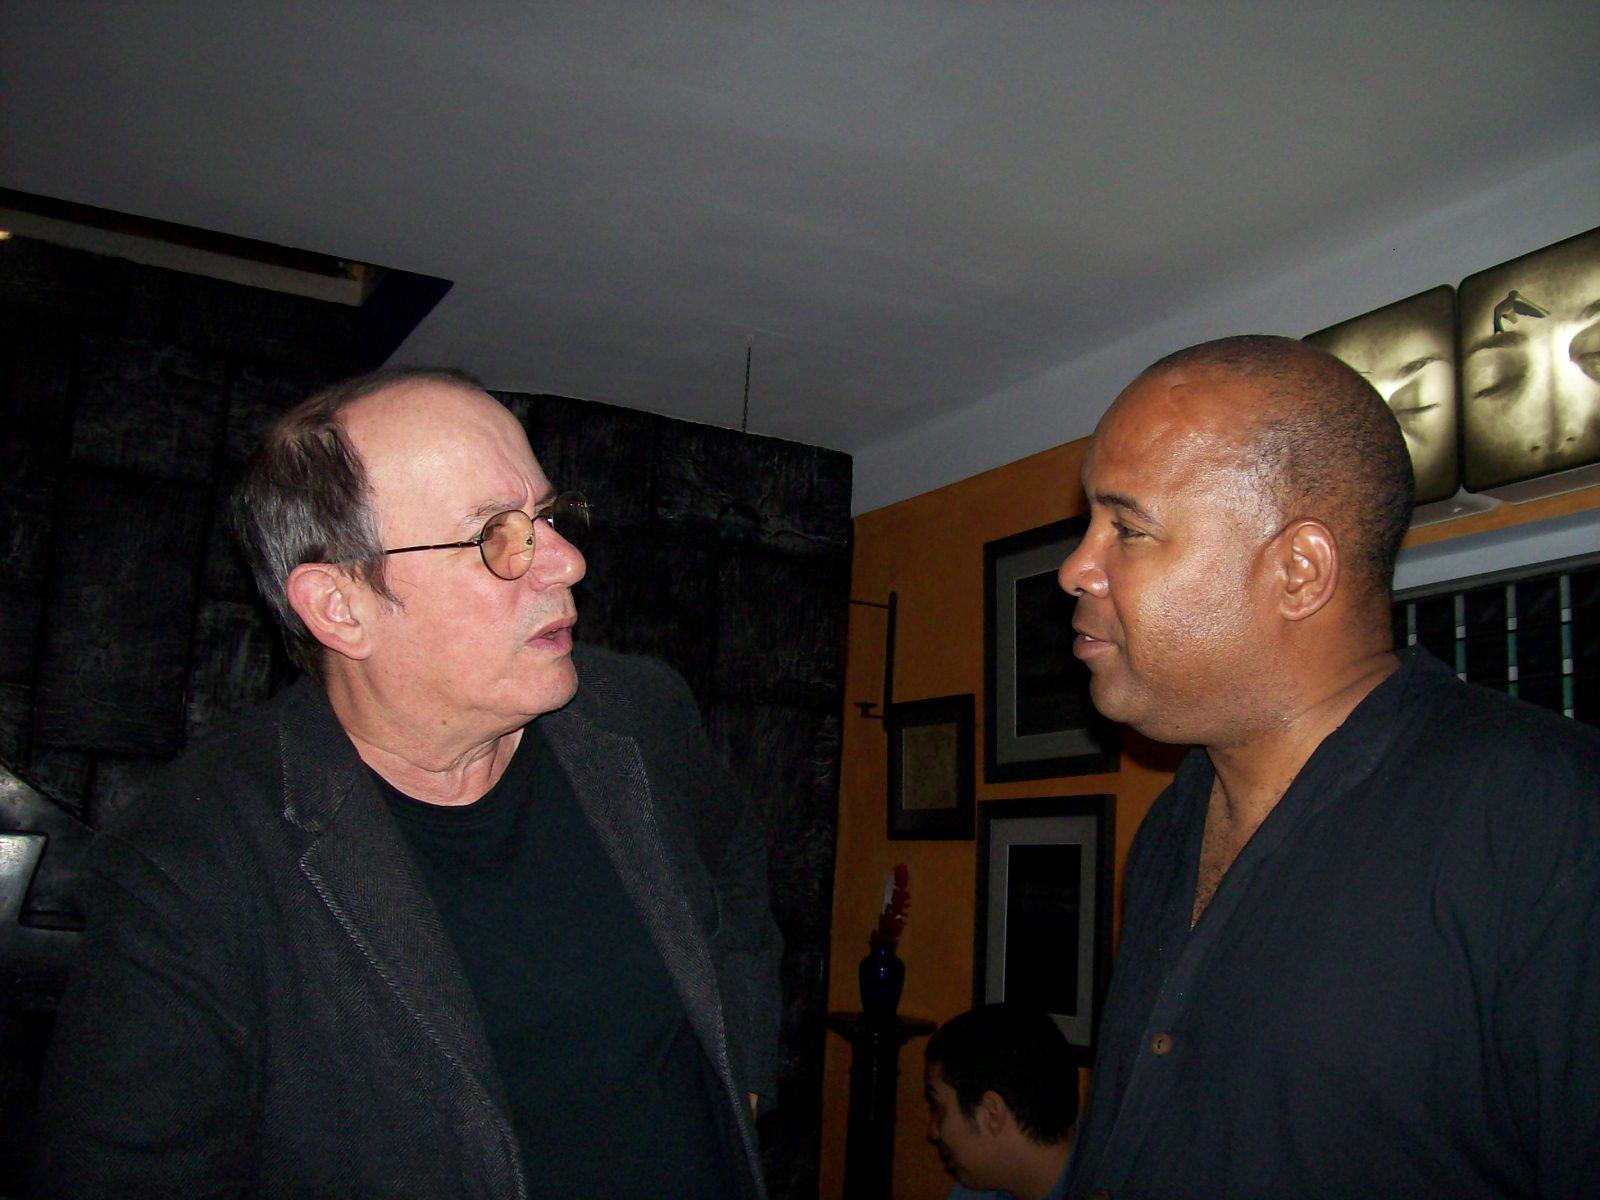 Charlando con Silvio, tras el último concierto.